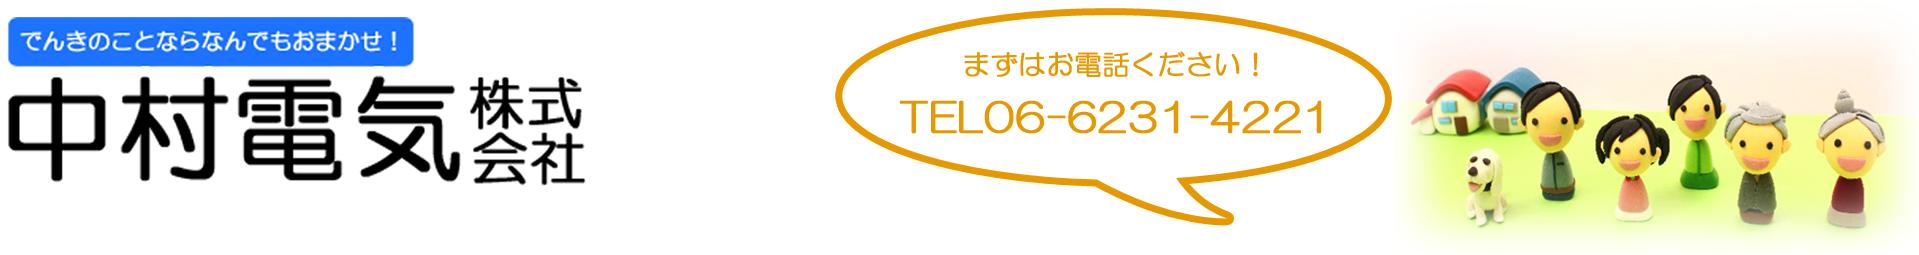 中村電気株式会社